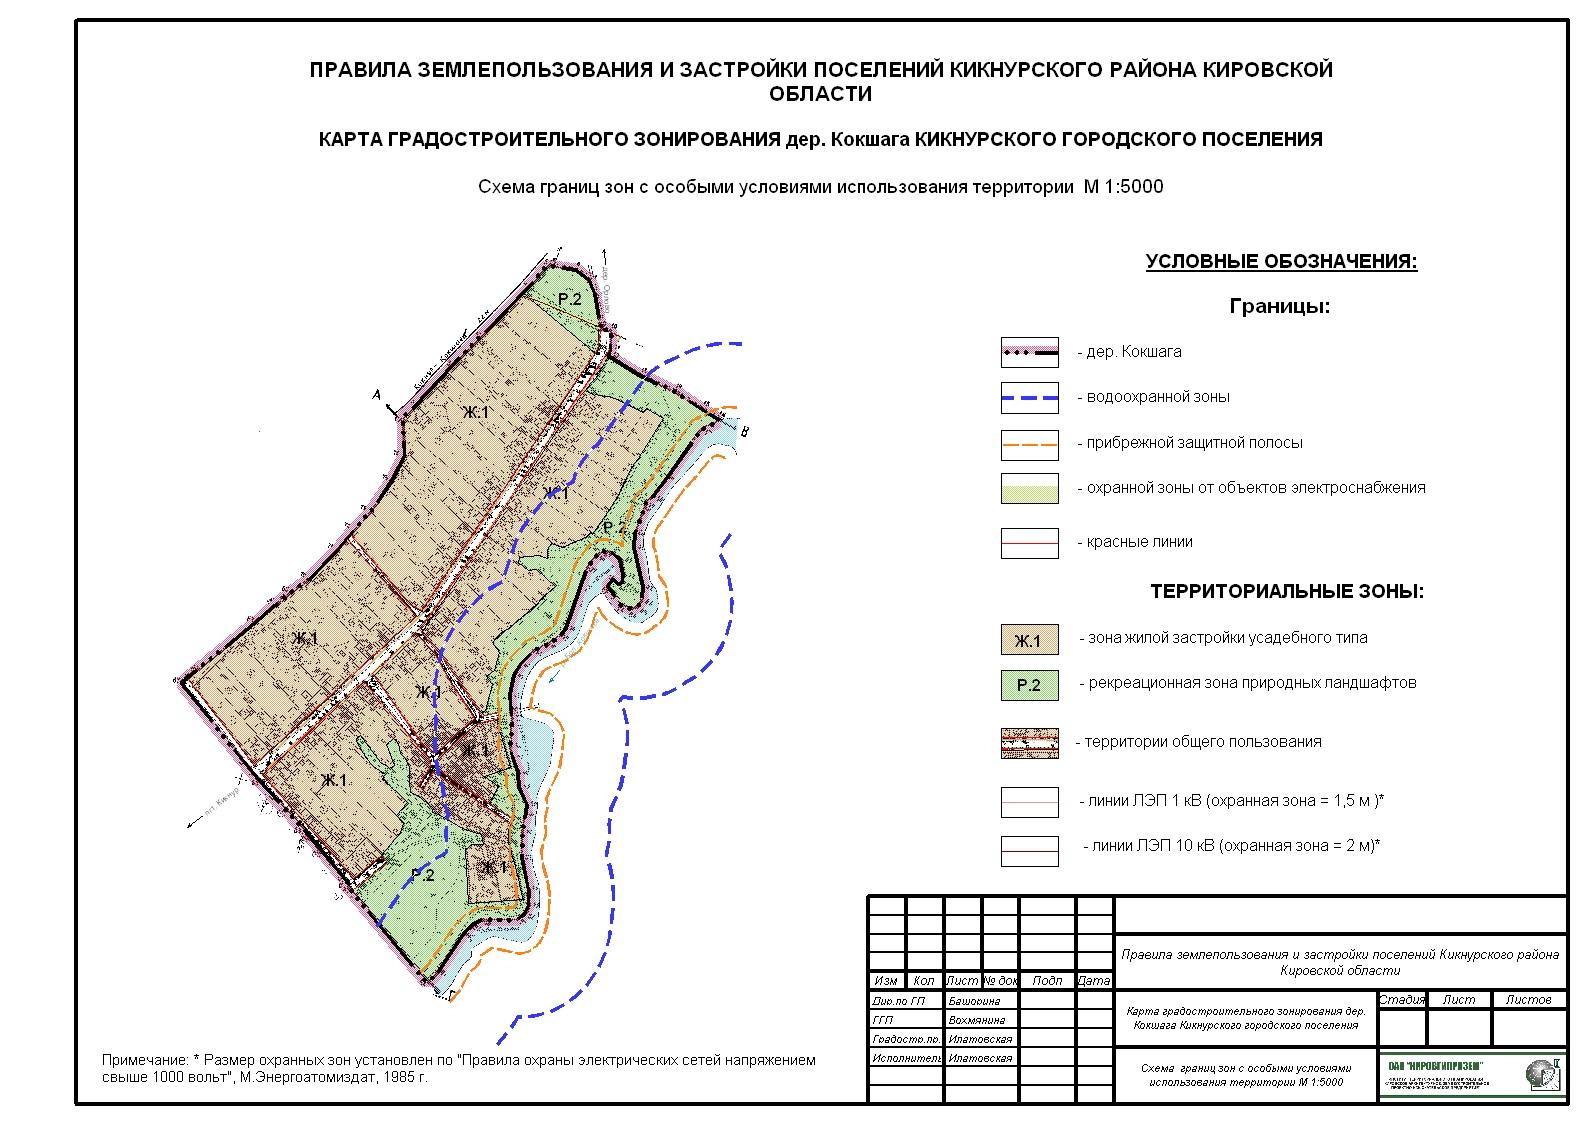 Охранная зона водопровода: нормативы границ и пояса охраны - точка j